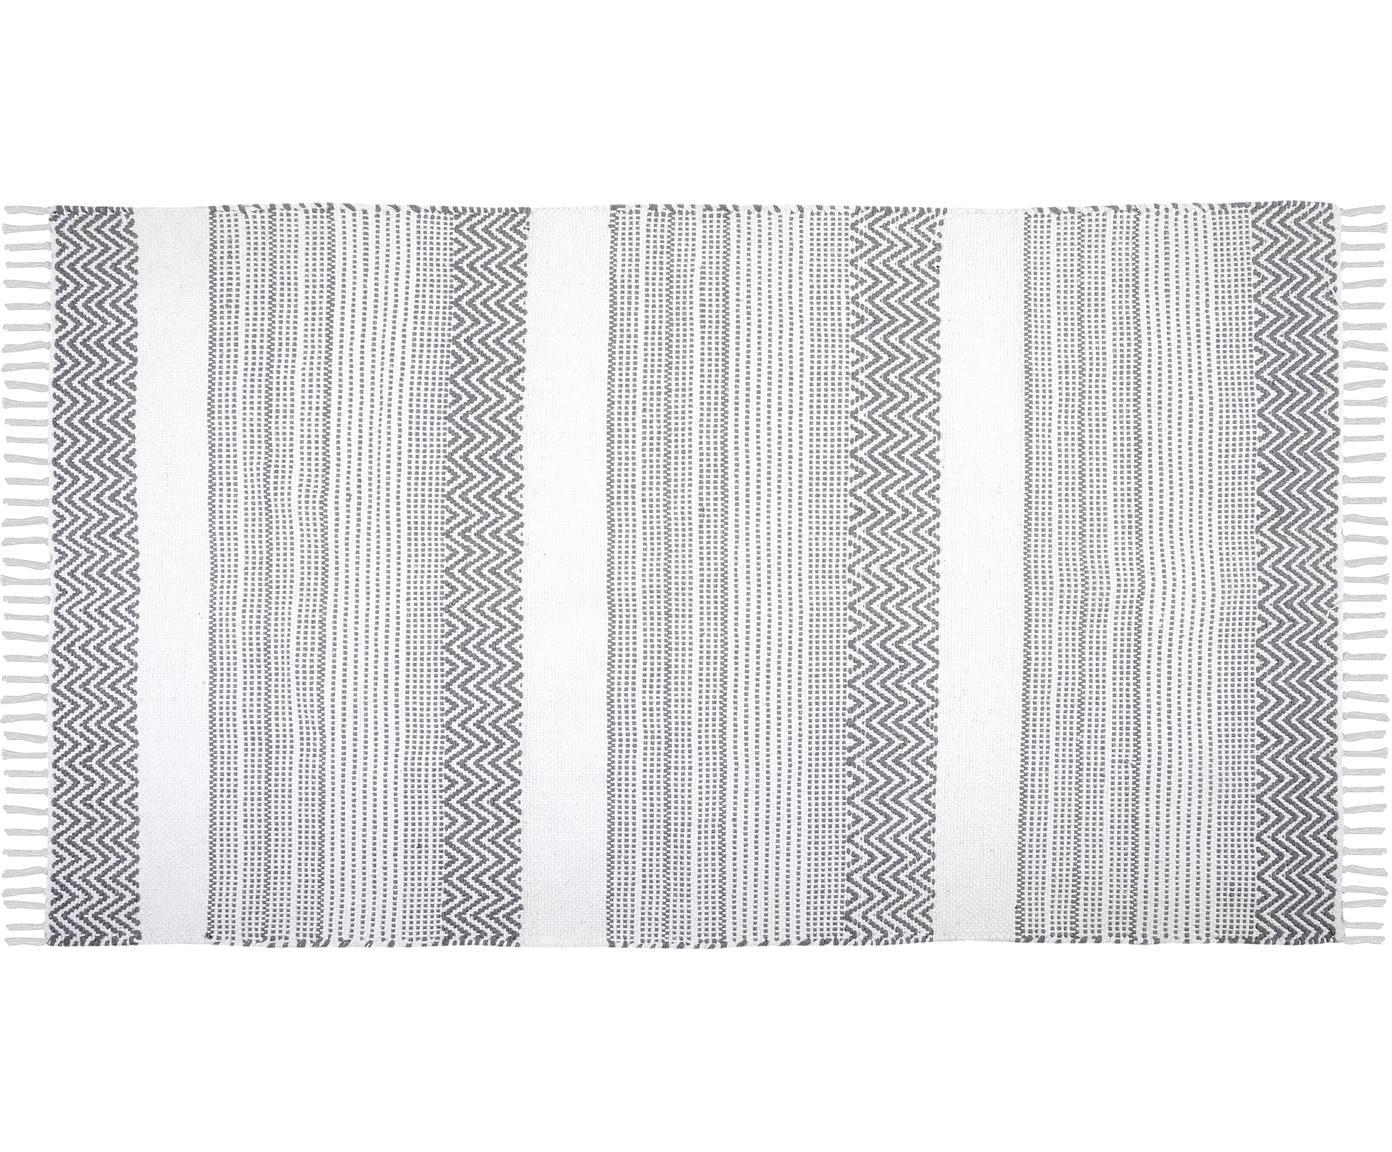 Tappeto in cotone con motivi grafici Iceland, Cotone, Grigio, bianco, Larg. 90 x Lung. 150 cm (taglia XS)